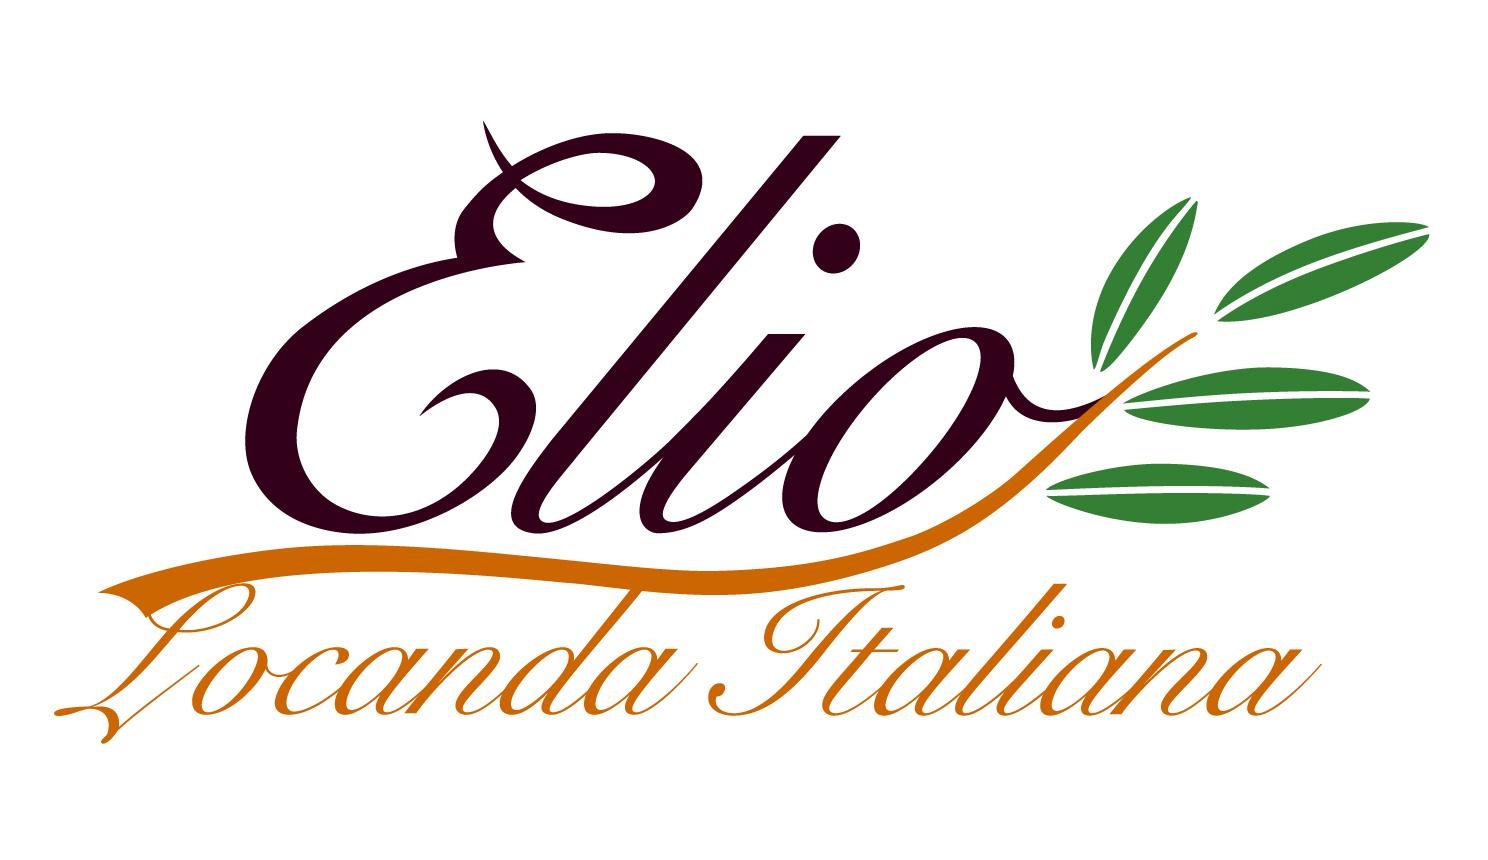 Elio Locanda Italiana Japan Best Restaurant